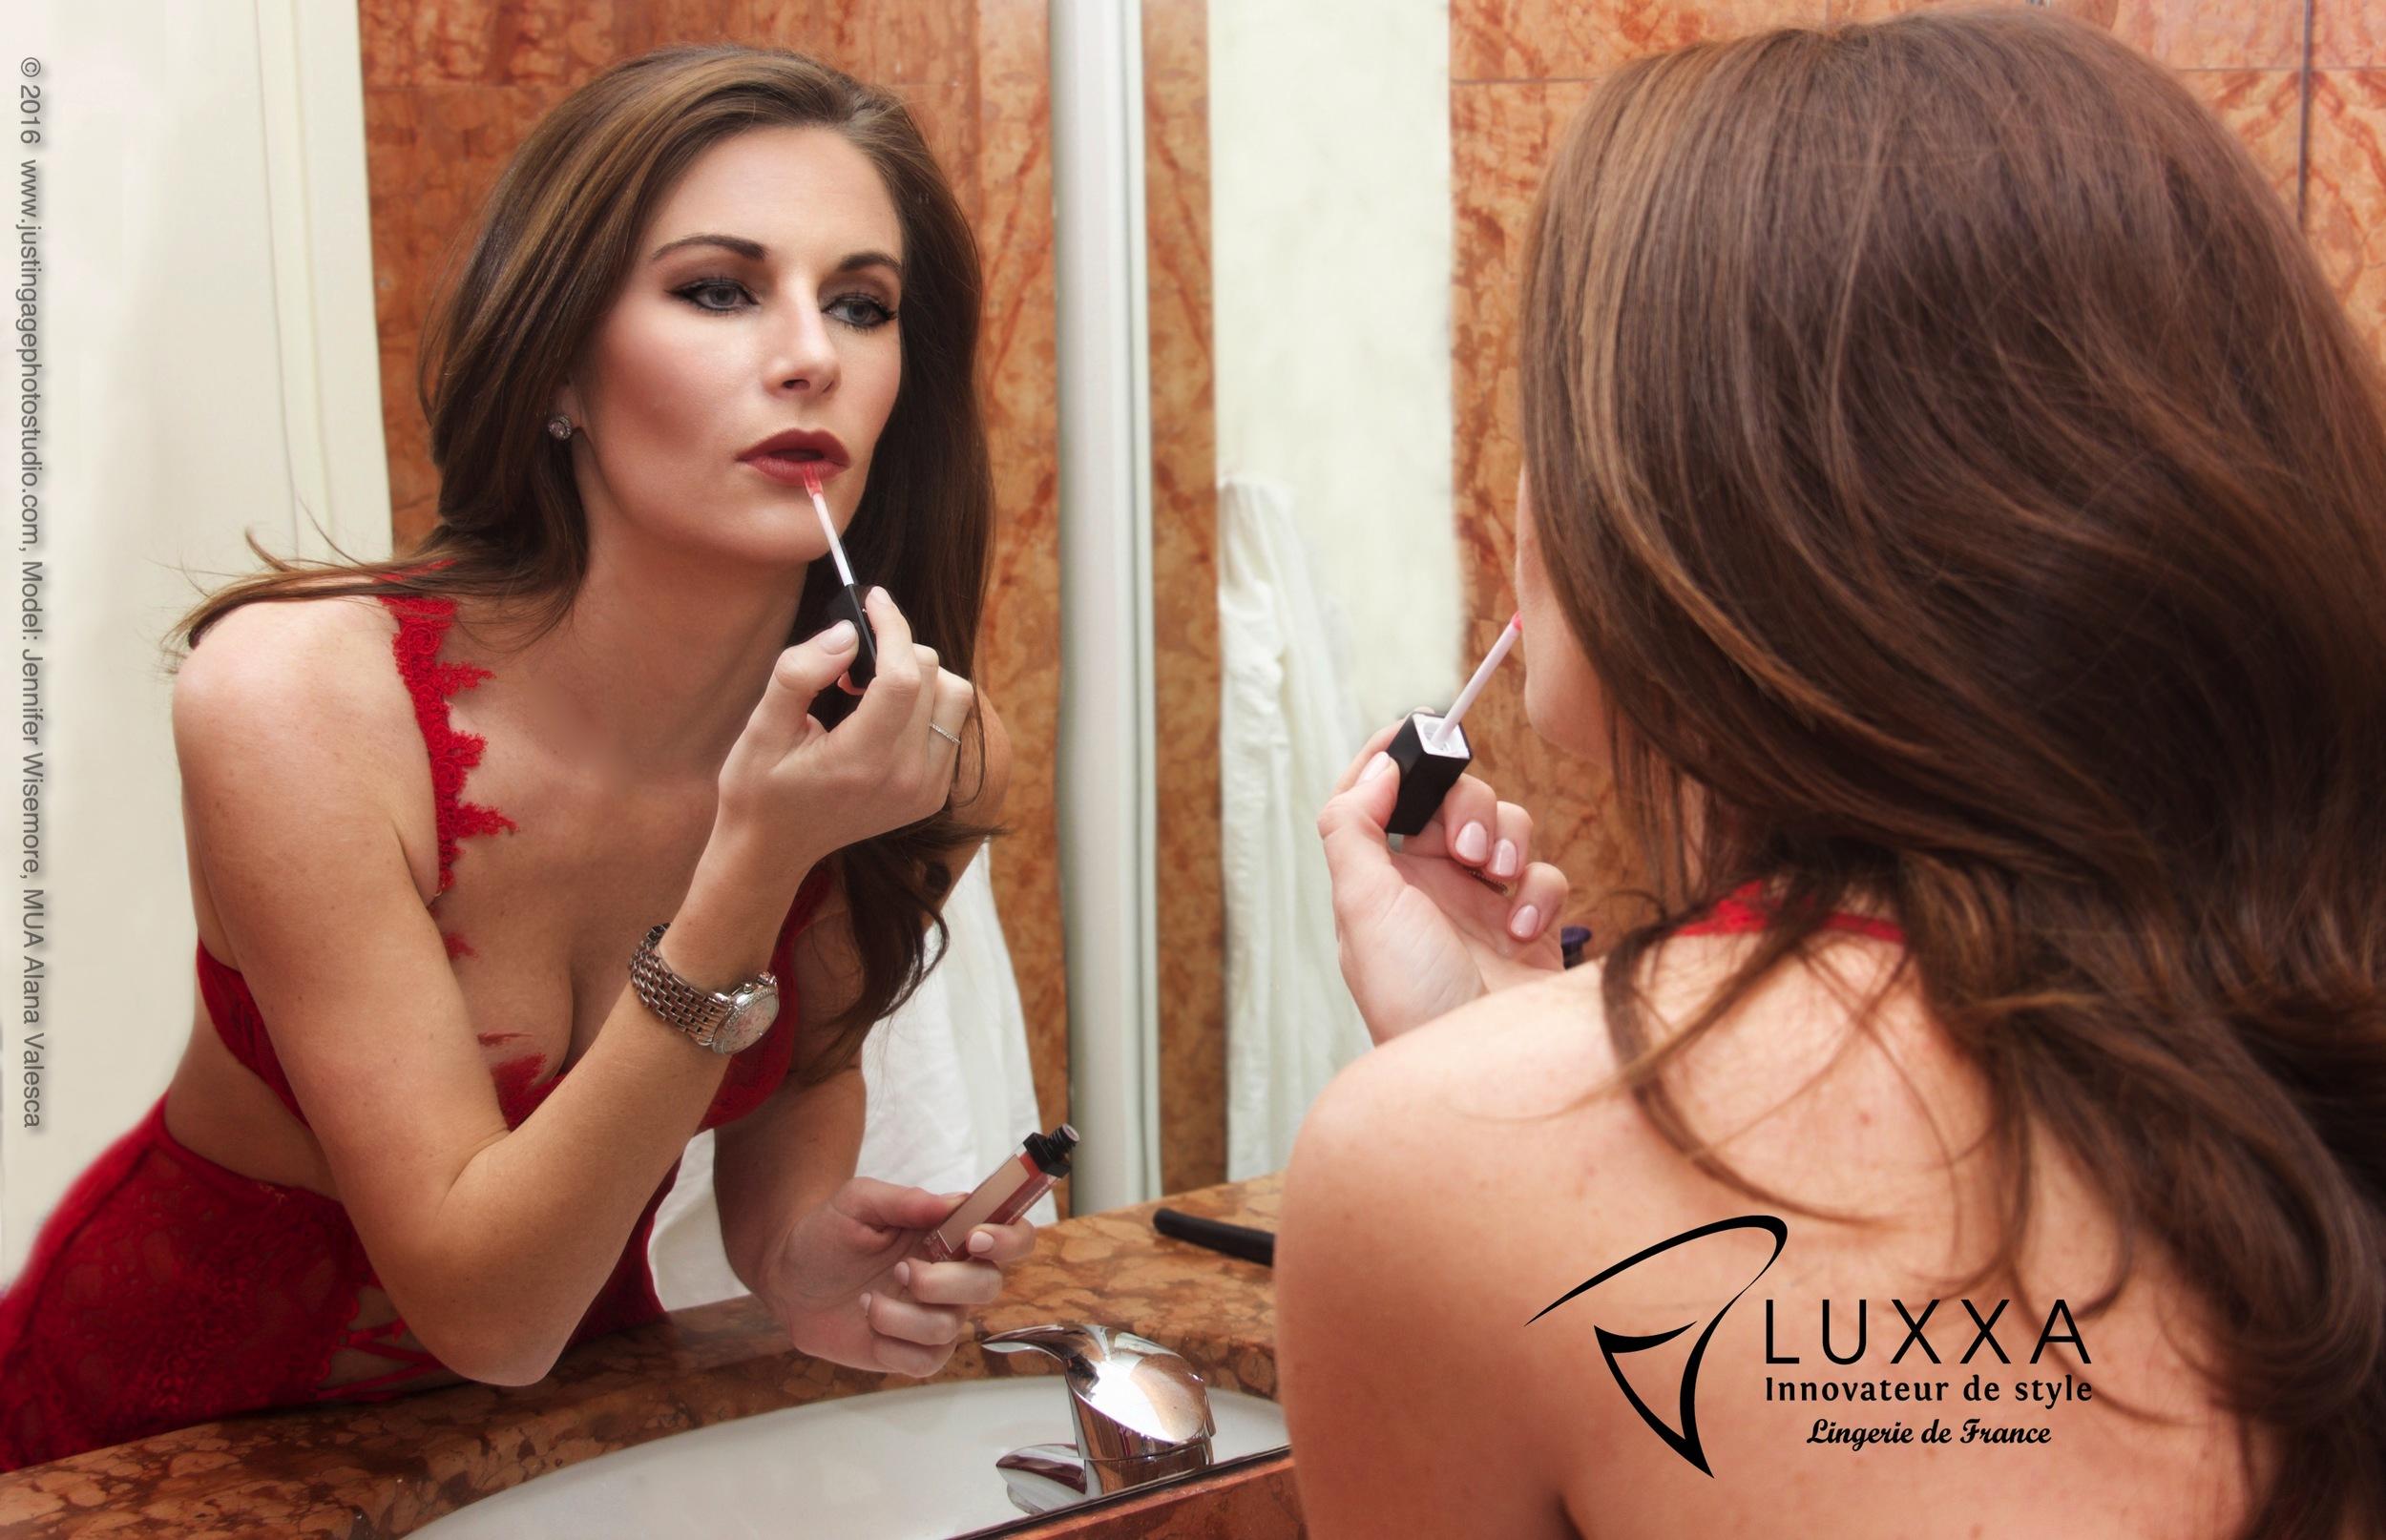 Luxxa.jpg